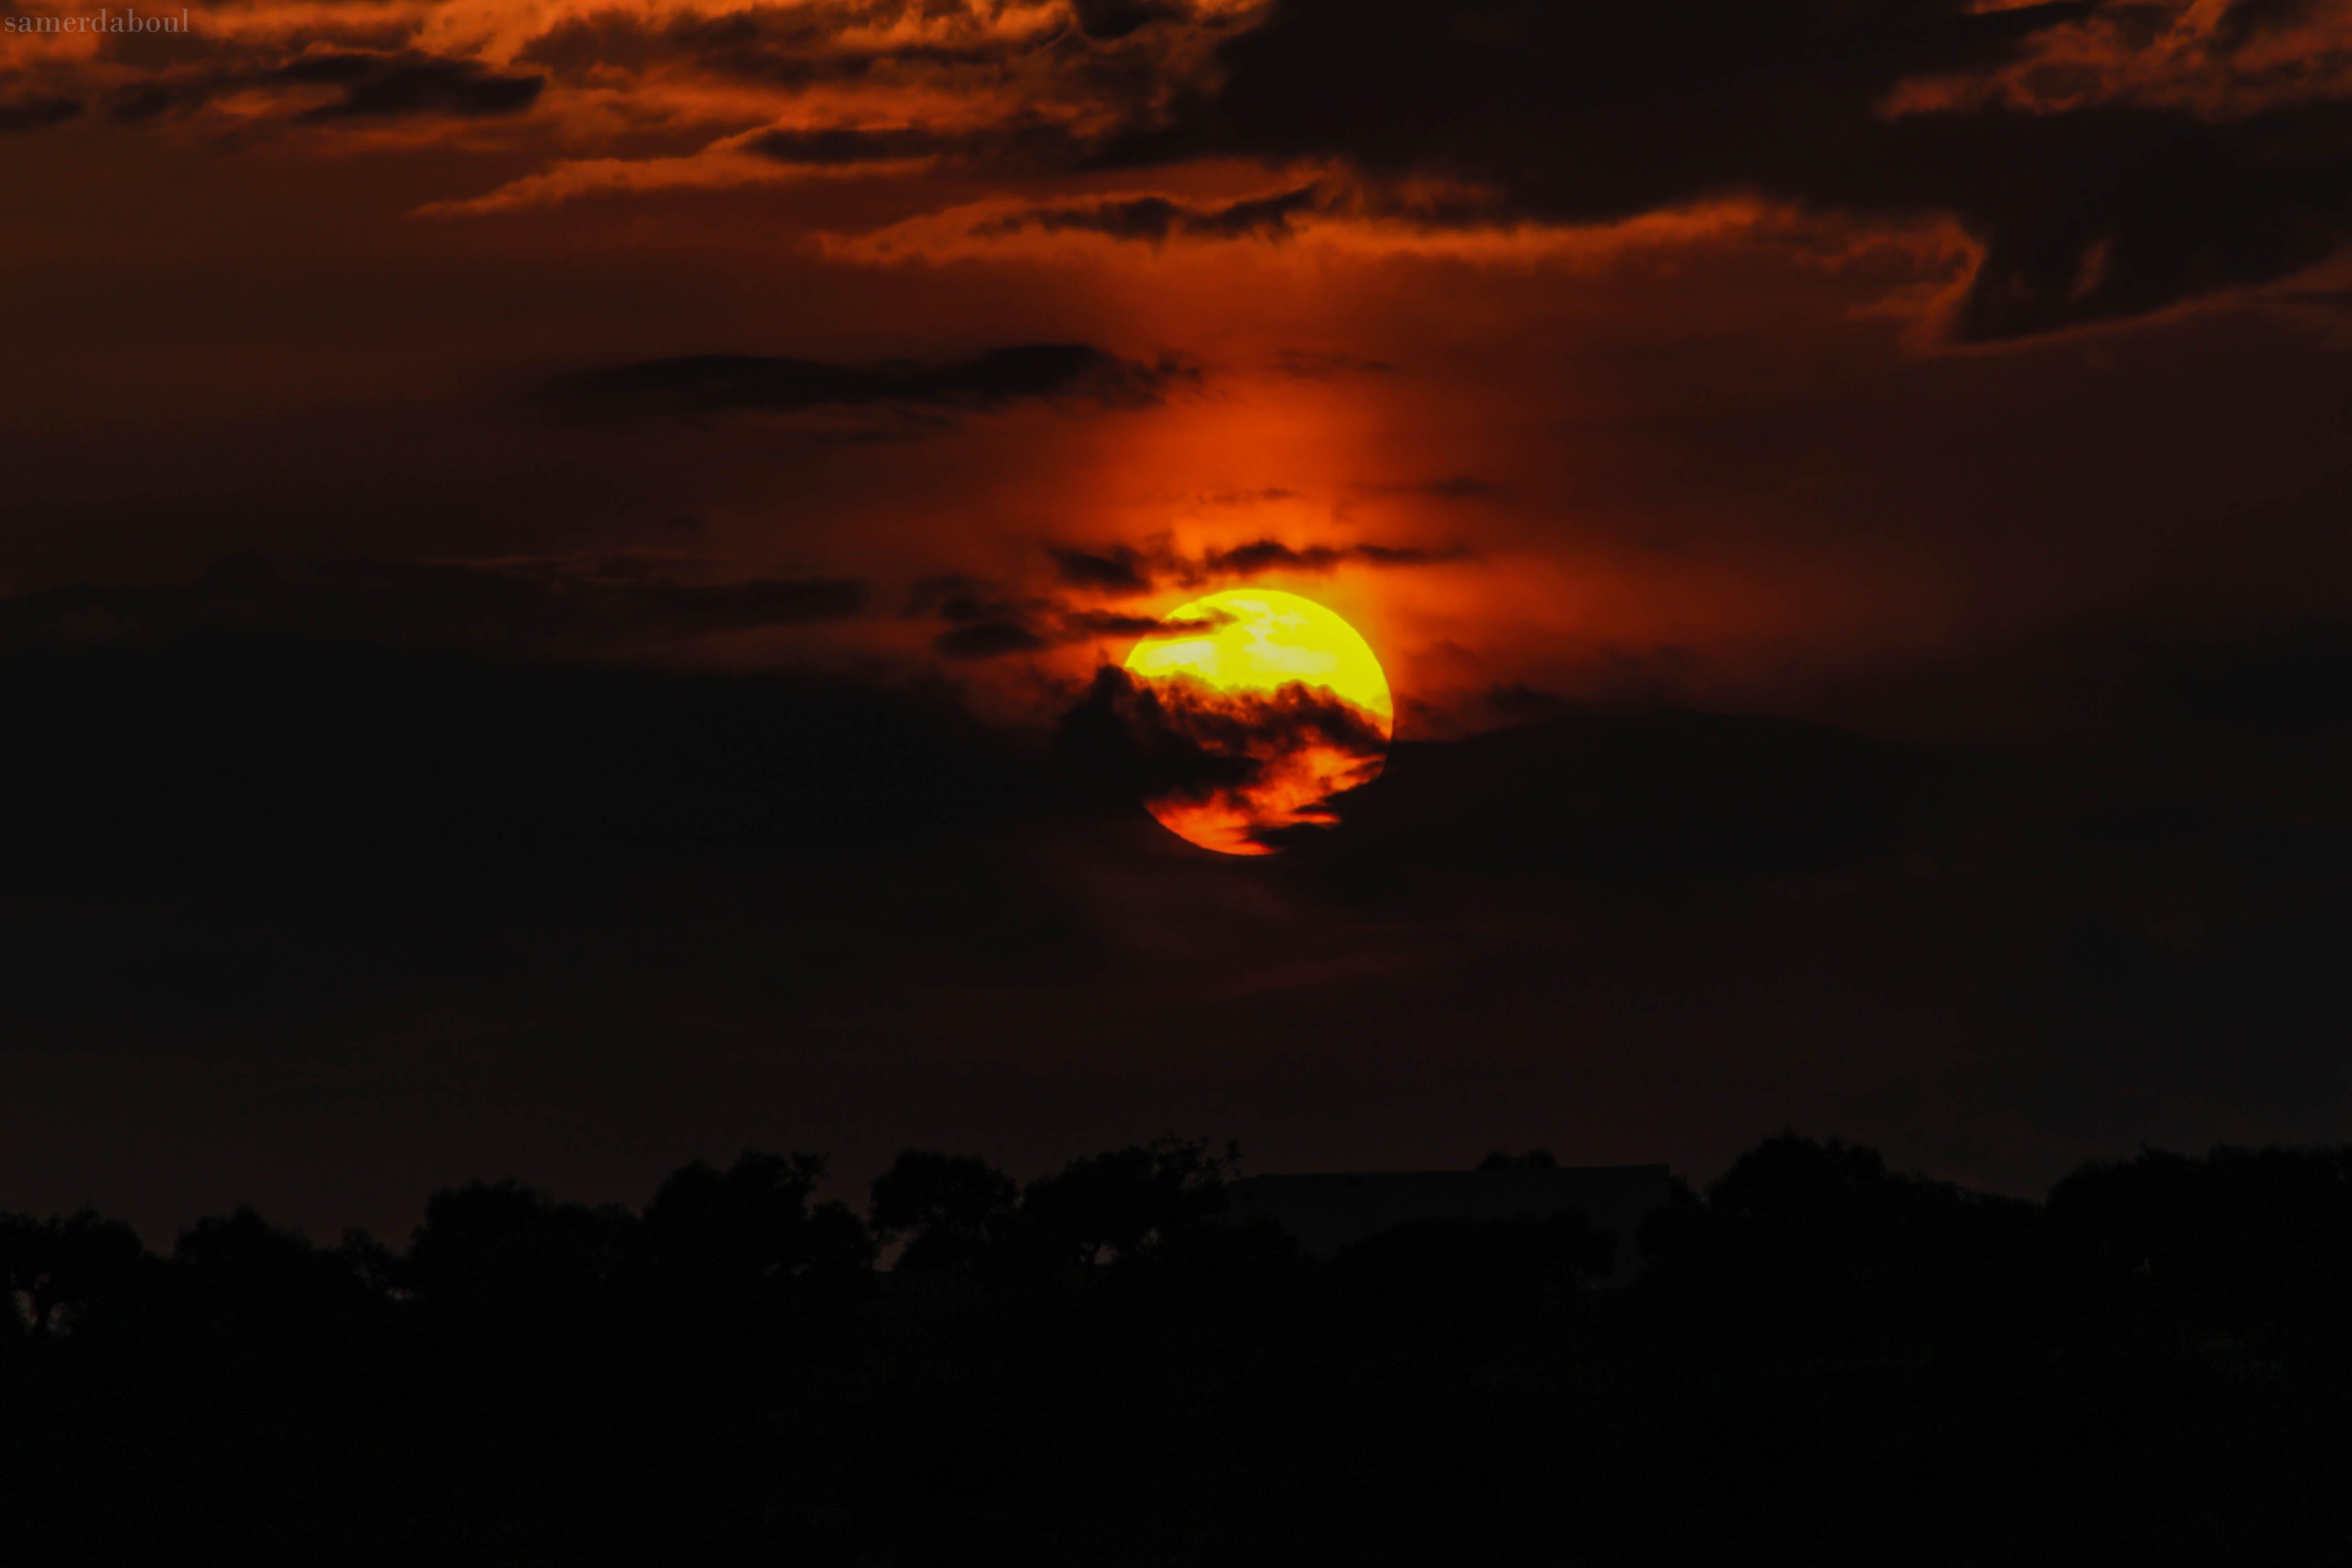 Orange Sun Hiding on Clouds